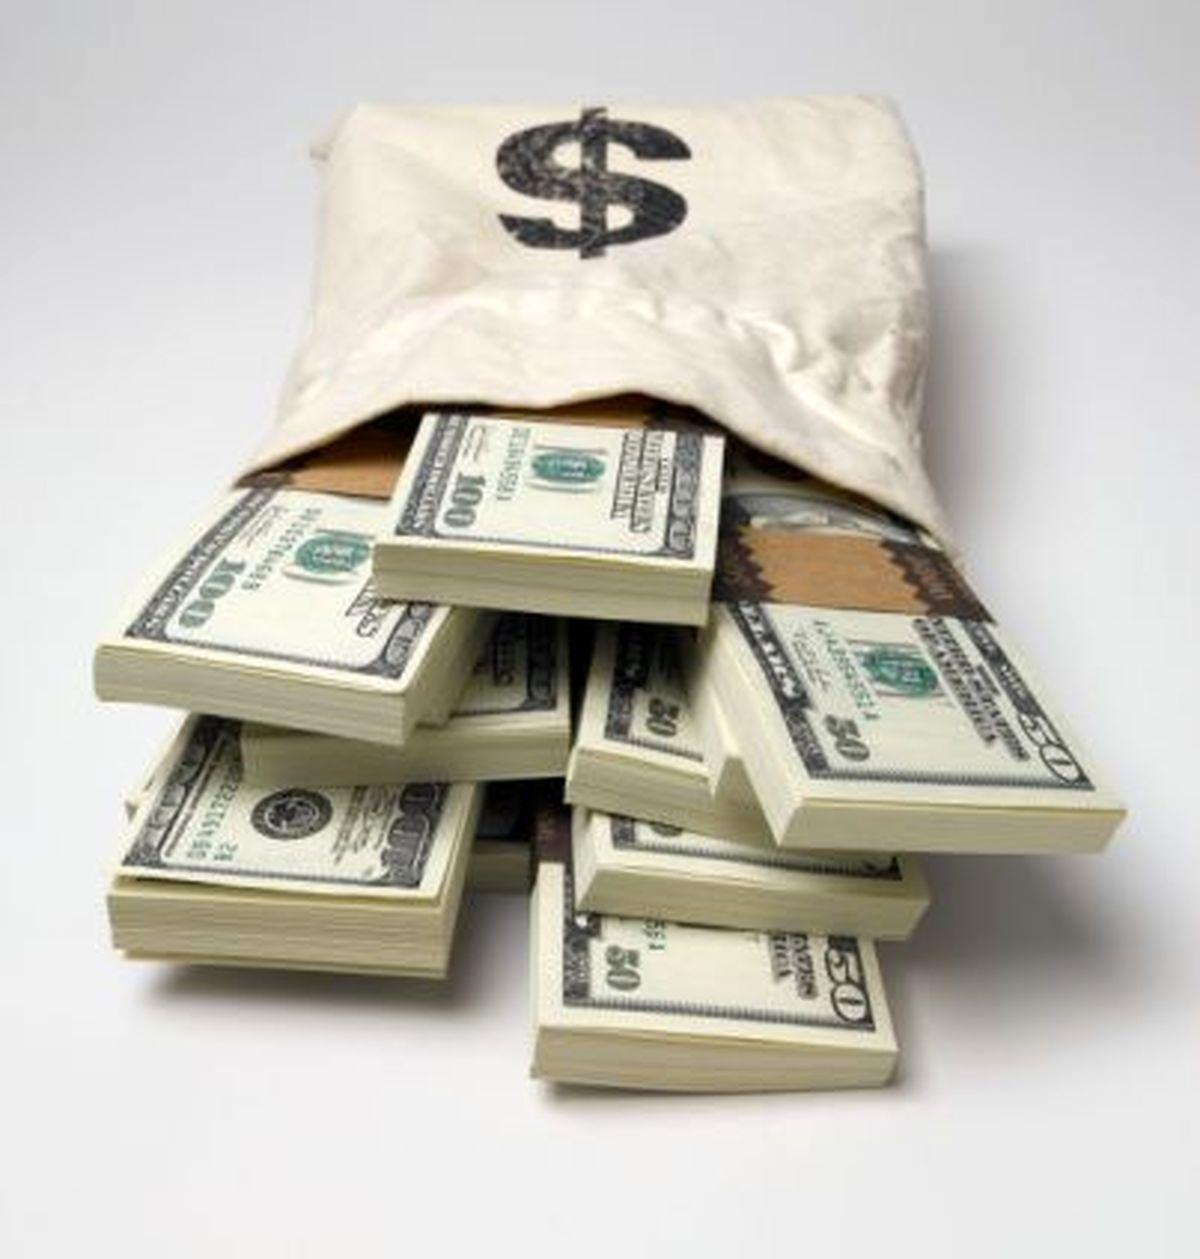 قیمت دلار بالا رفت (۱۳۹۹/۶/۱۱)